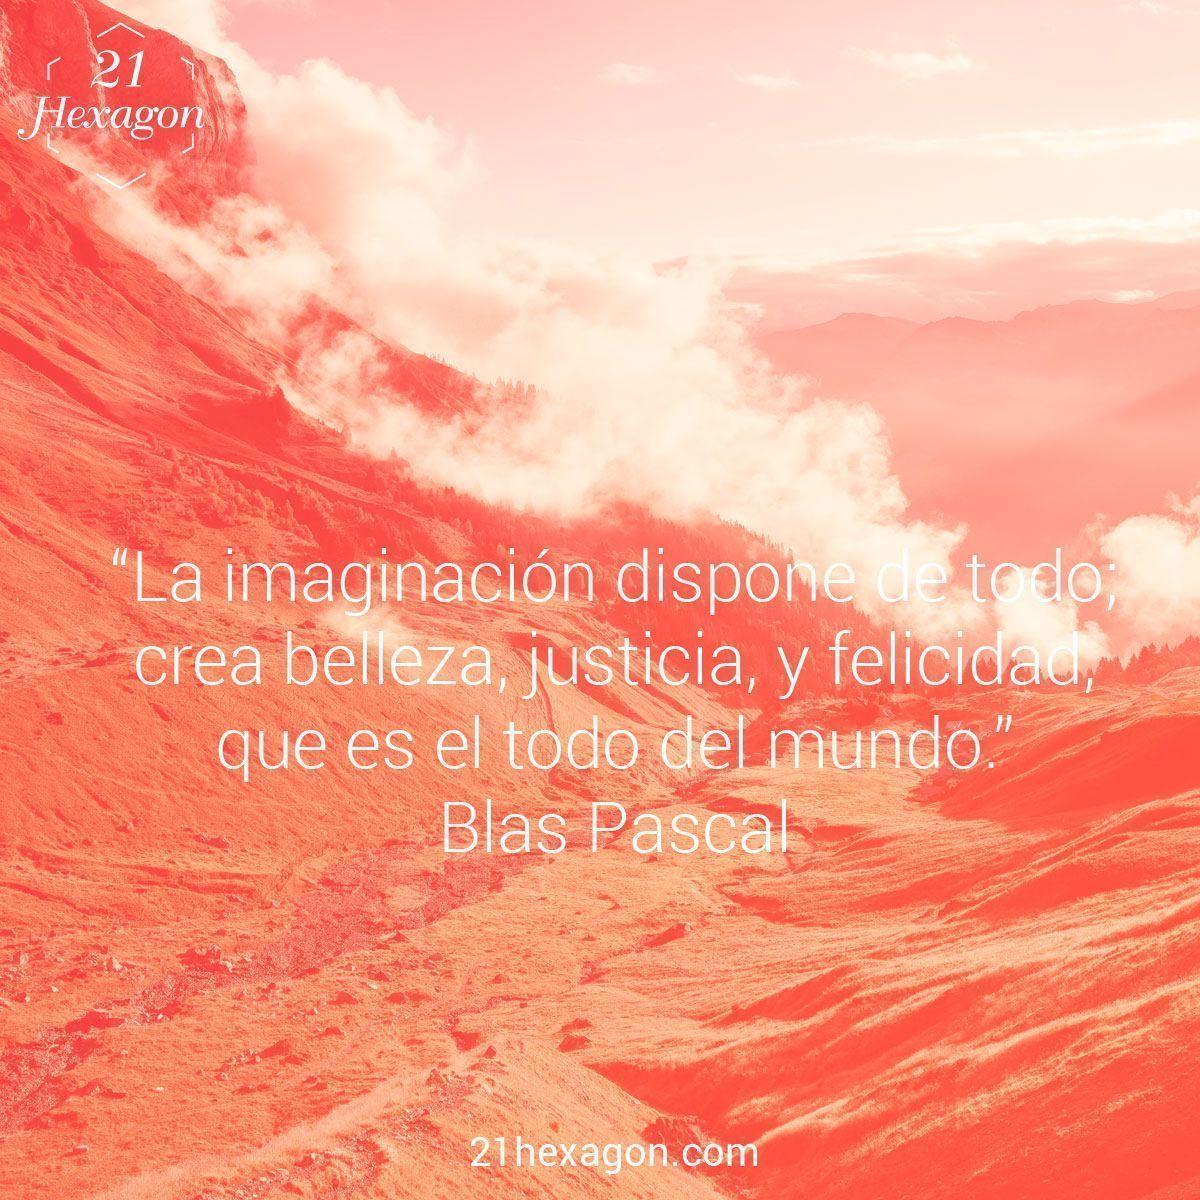 quotes_21hexagon_26.jpg